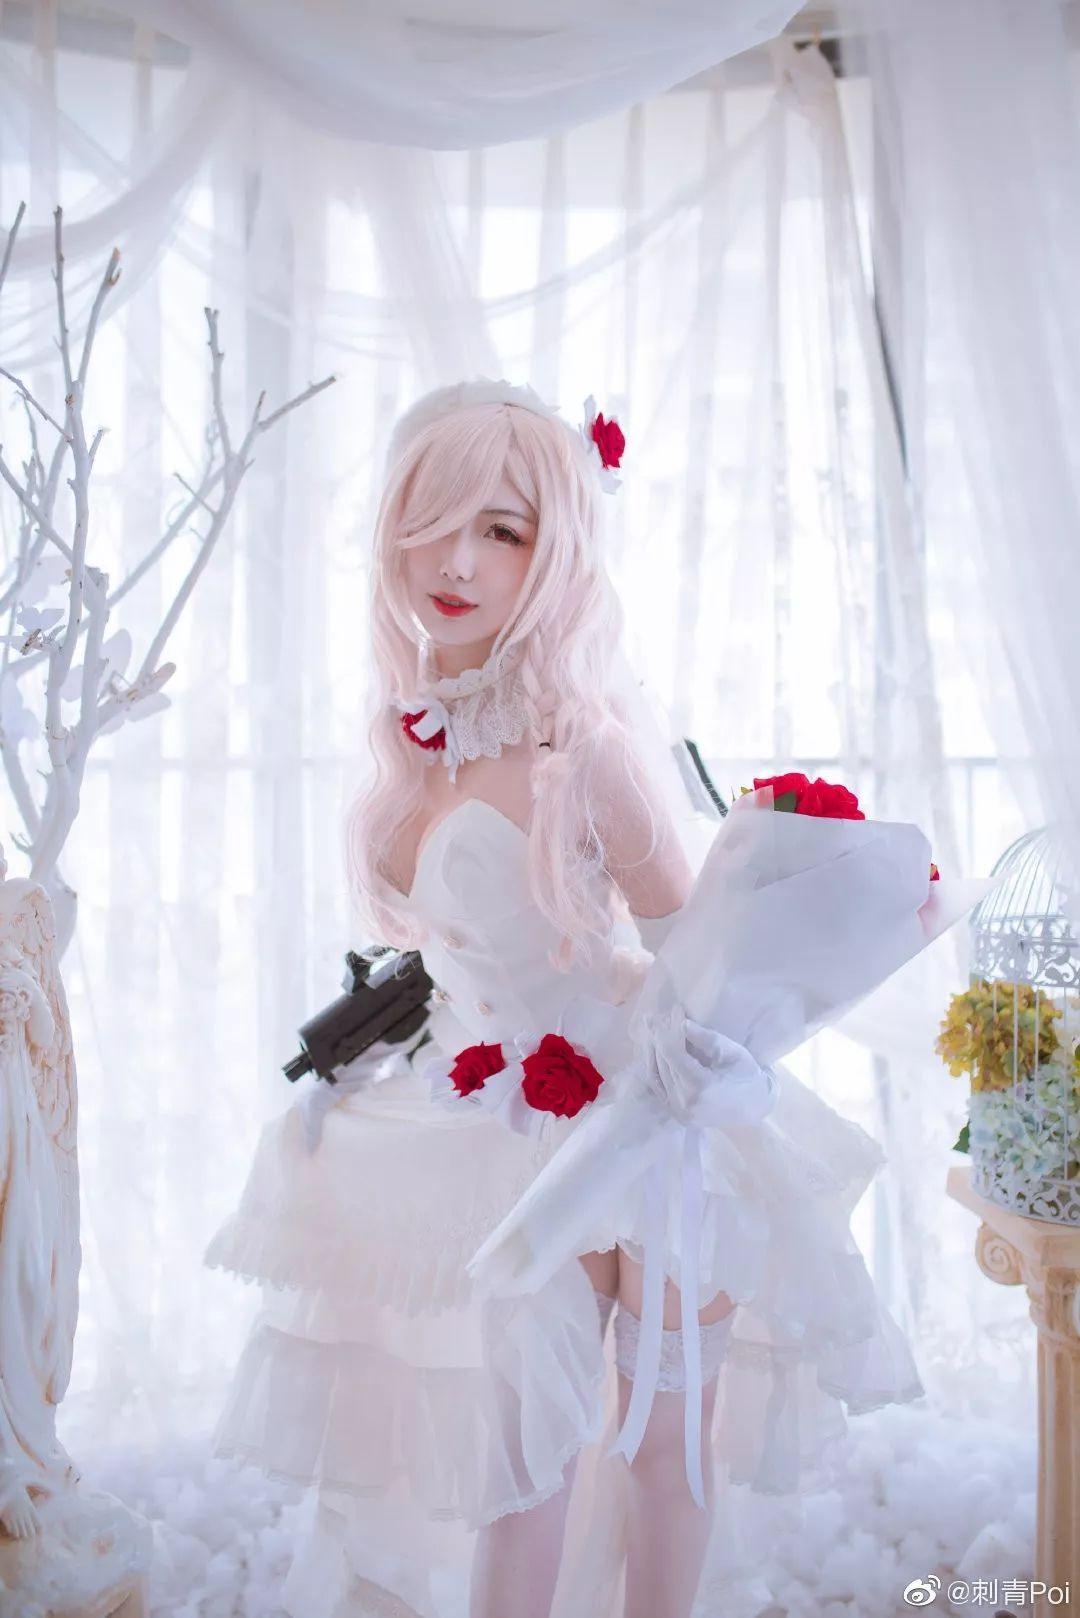 cosplay – 《少女前线》白丝花嫁G36C_图片 No.6